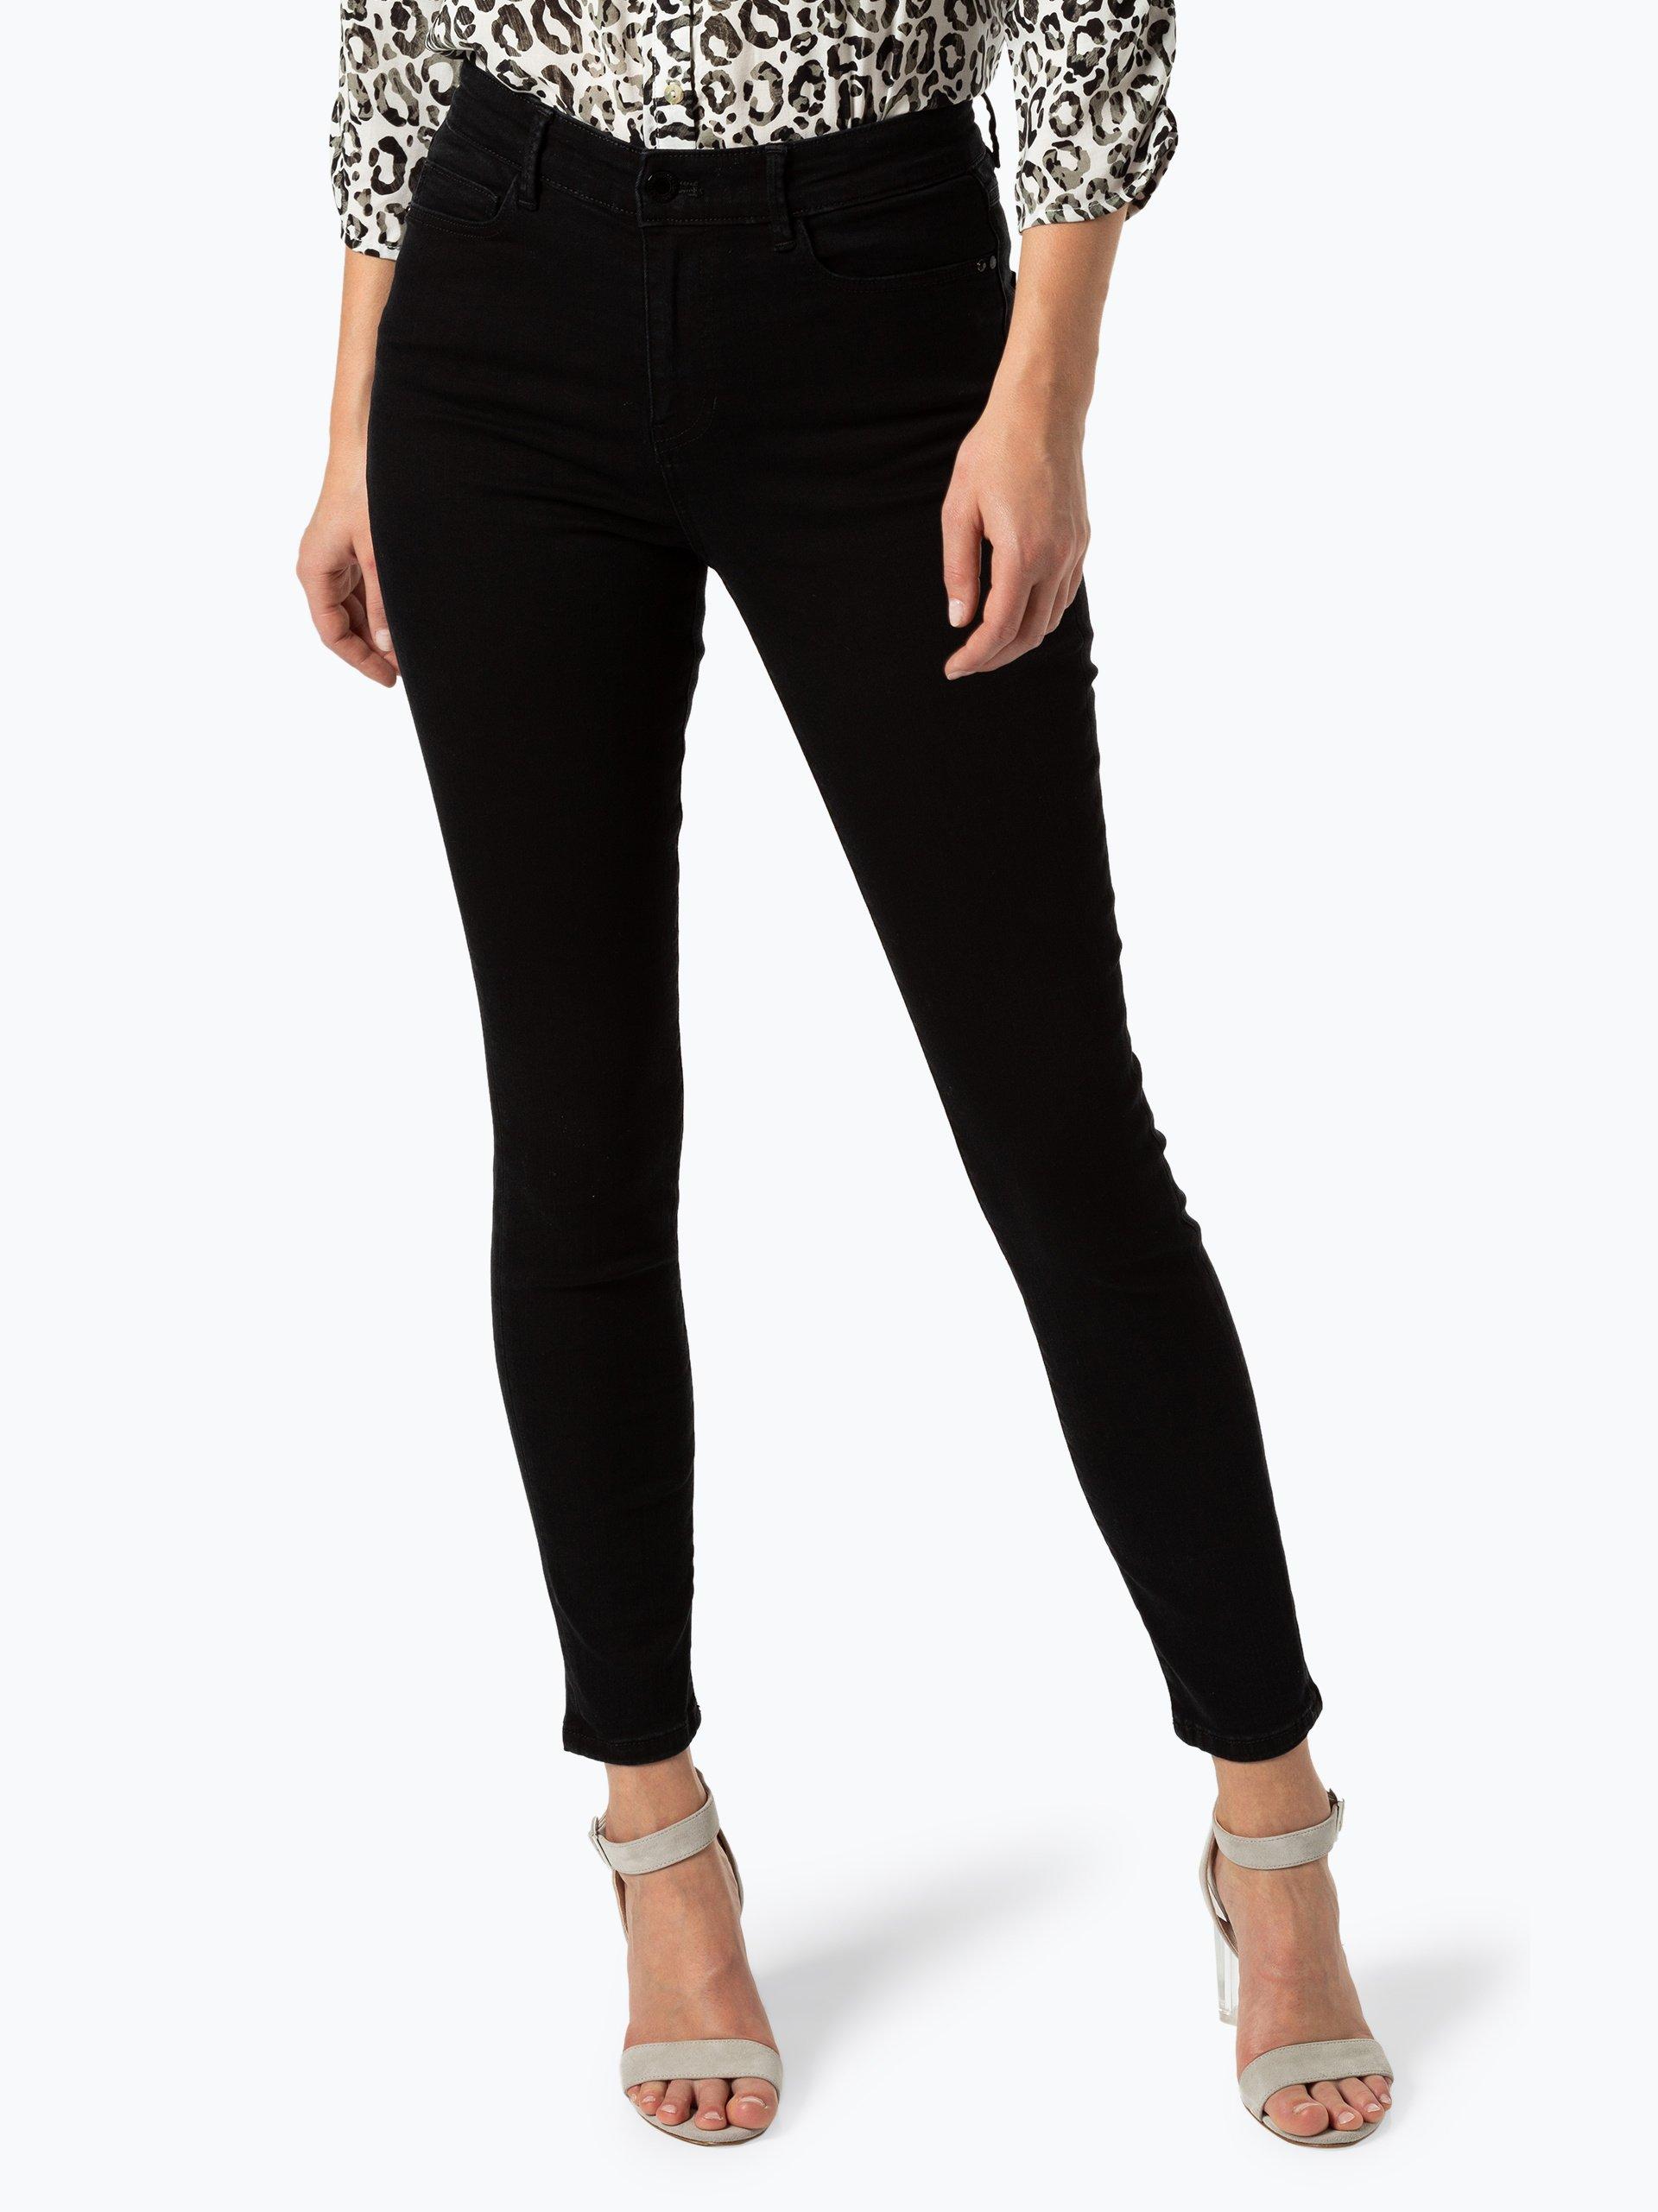 Guess Jeans Damen Jeans